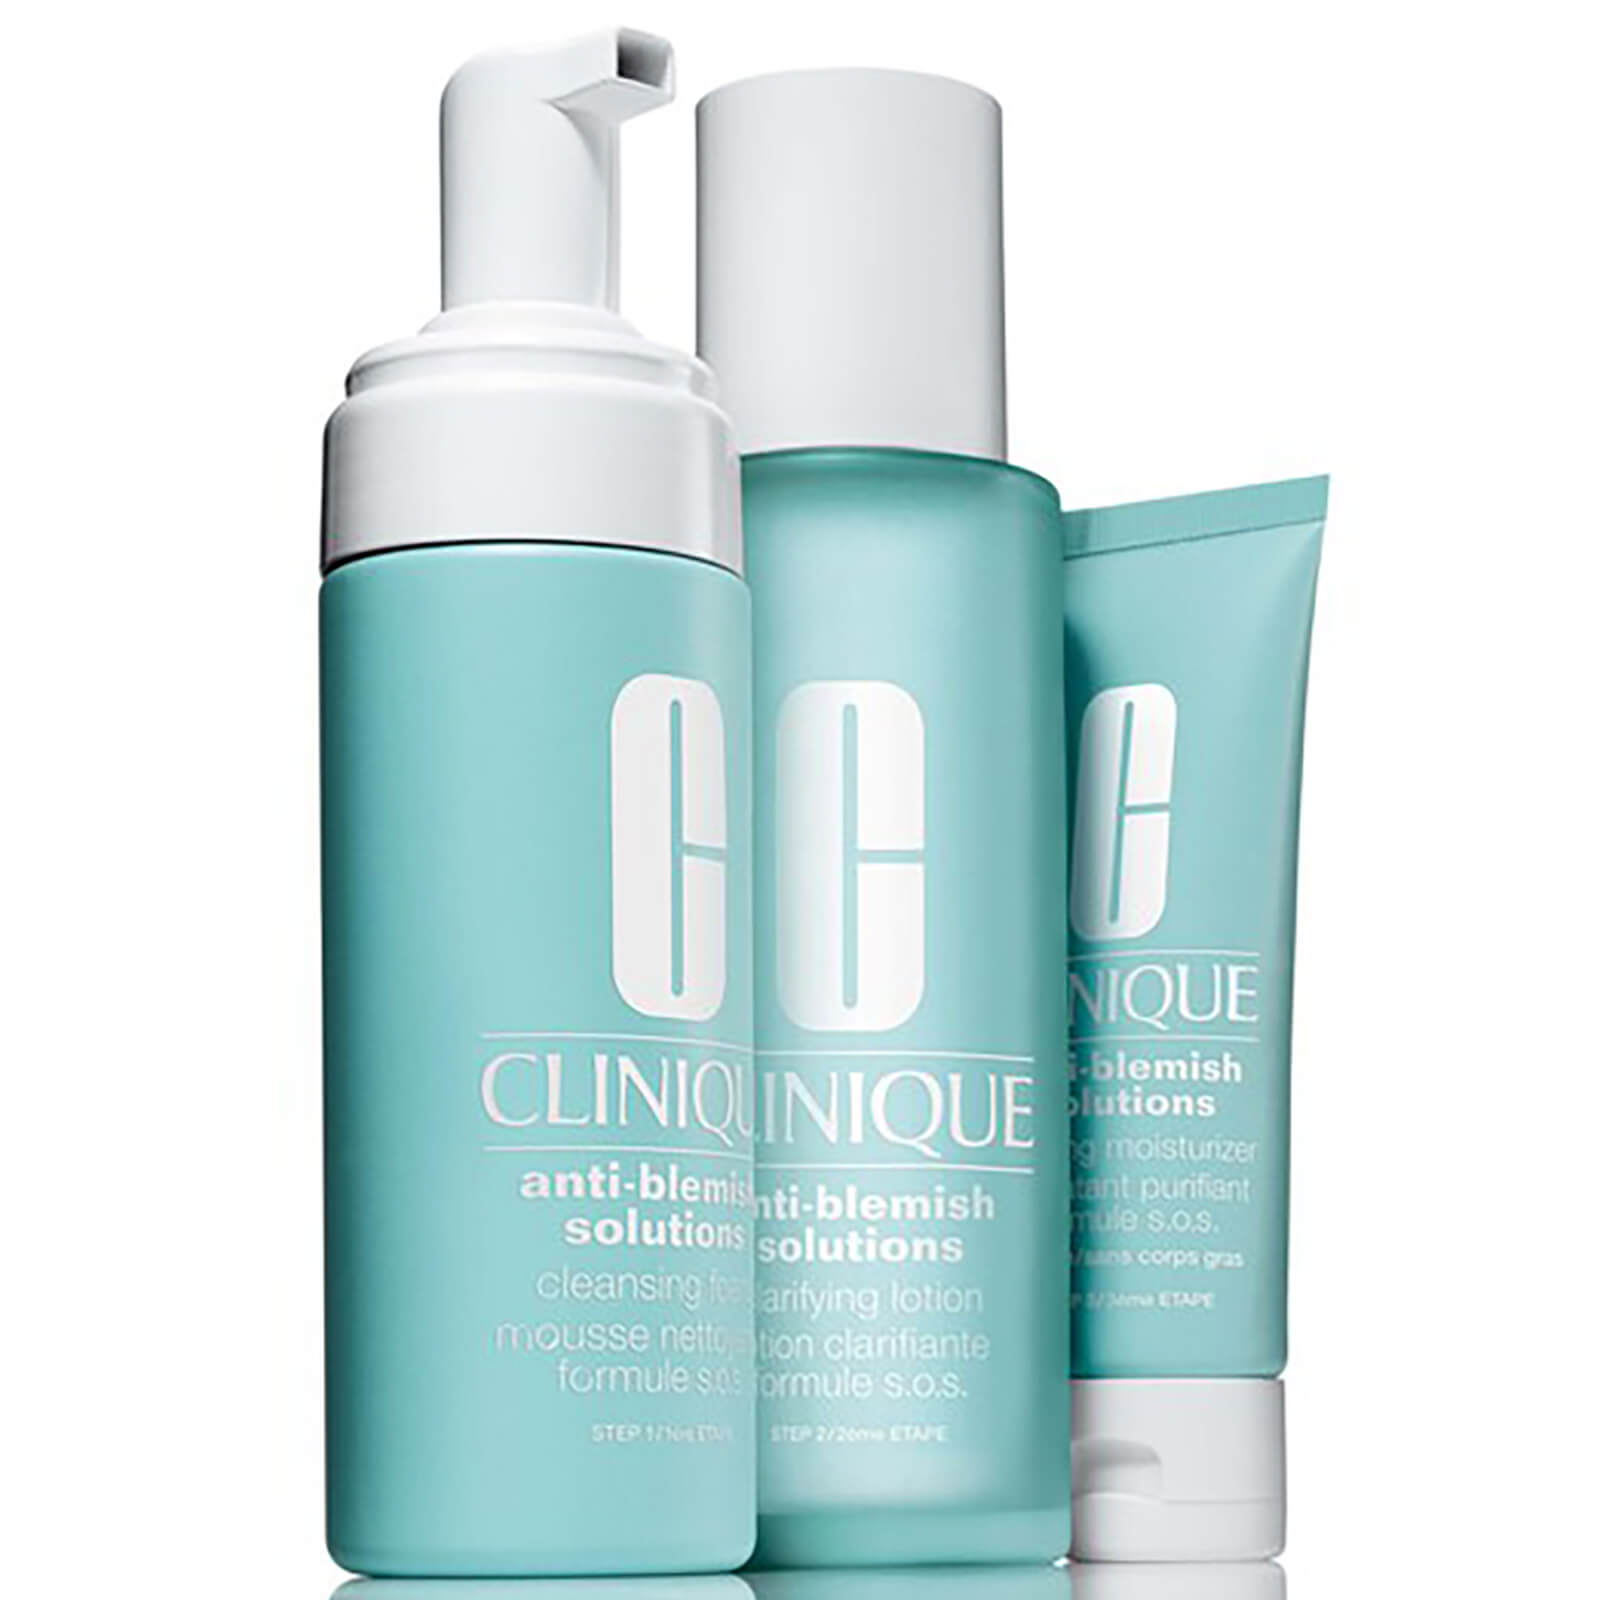 clinique anti blemish